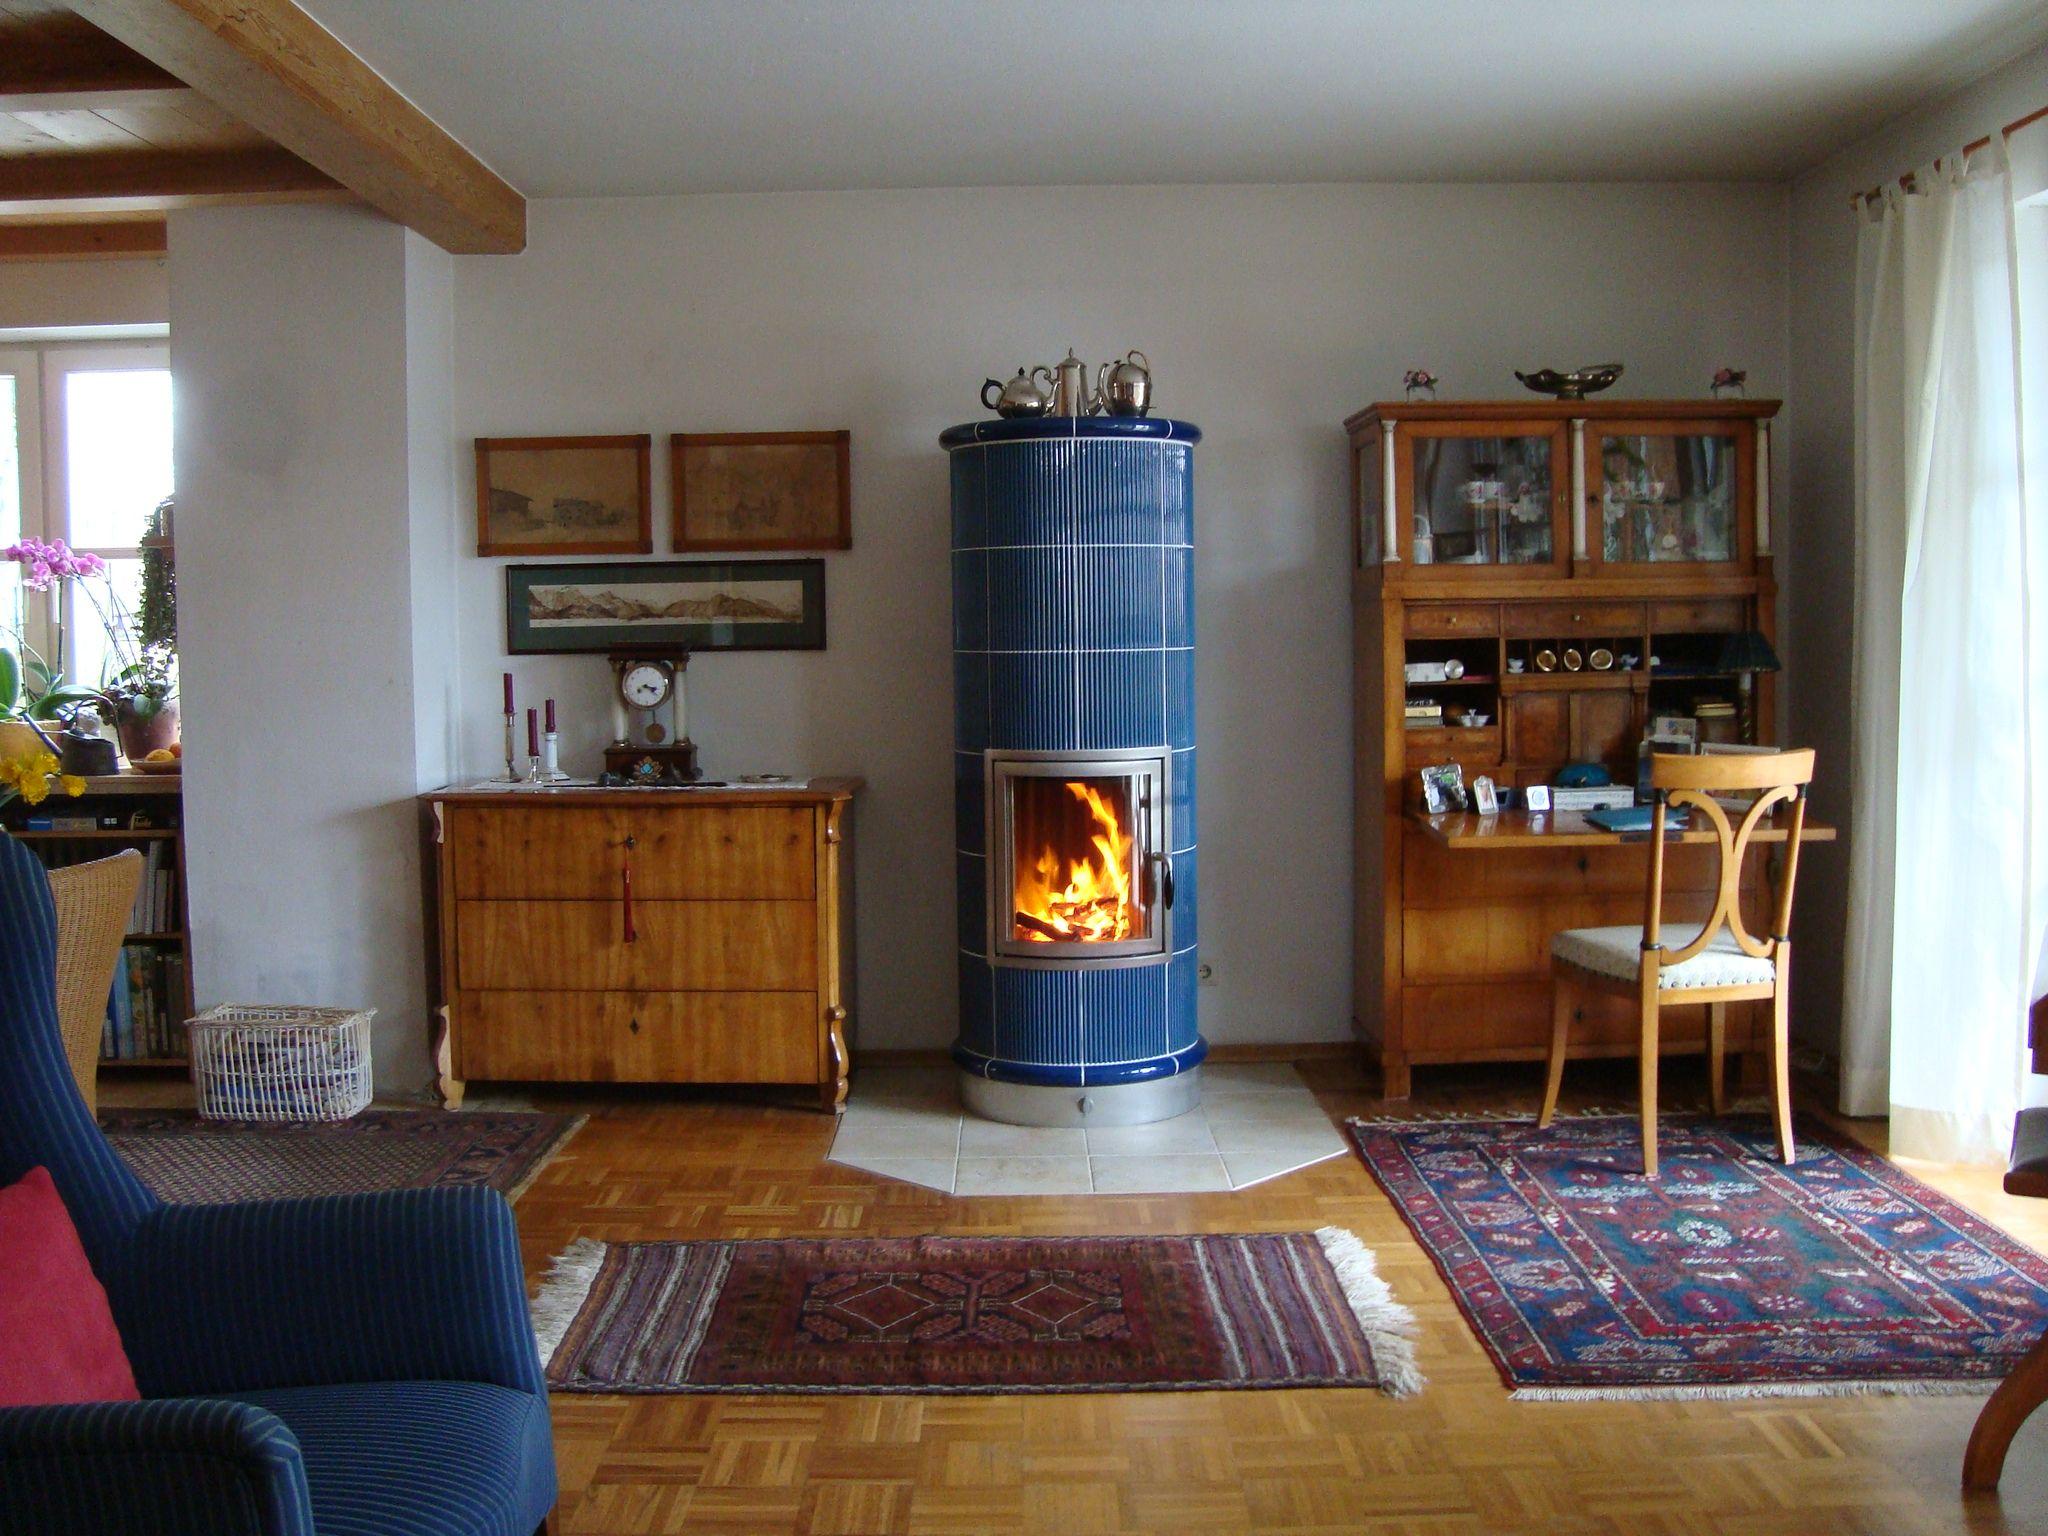 stilofen mit blauen gebrannten kacheln ofen kamin fireplace stil fen. Black Bedroom Furniture Sets. Home Design Ideas